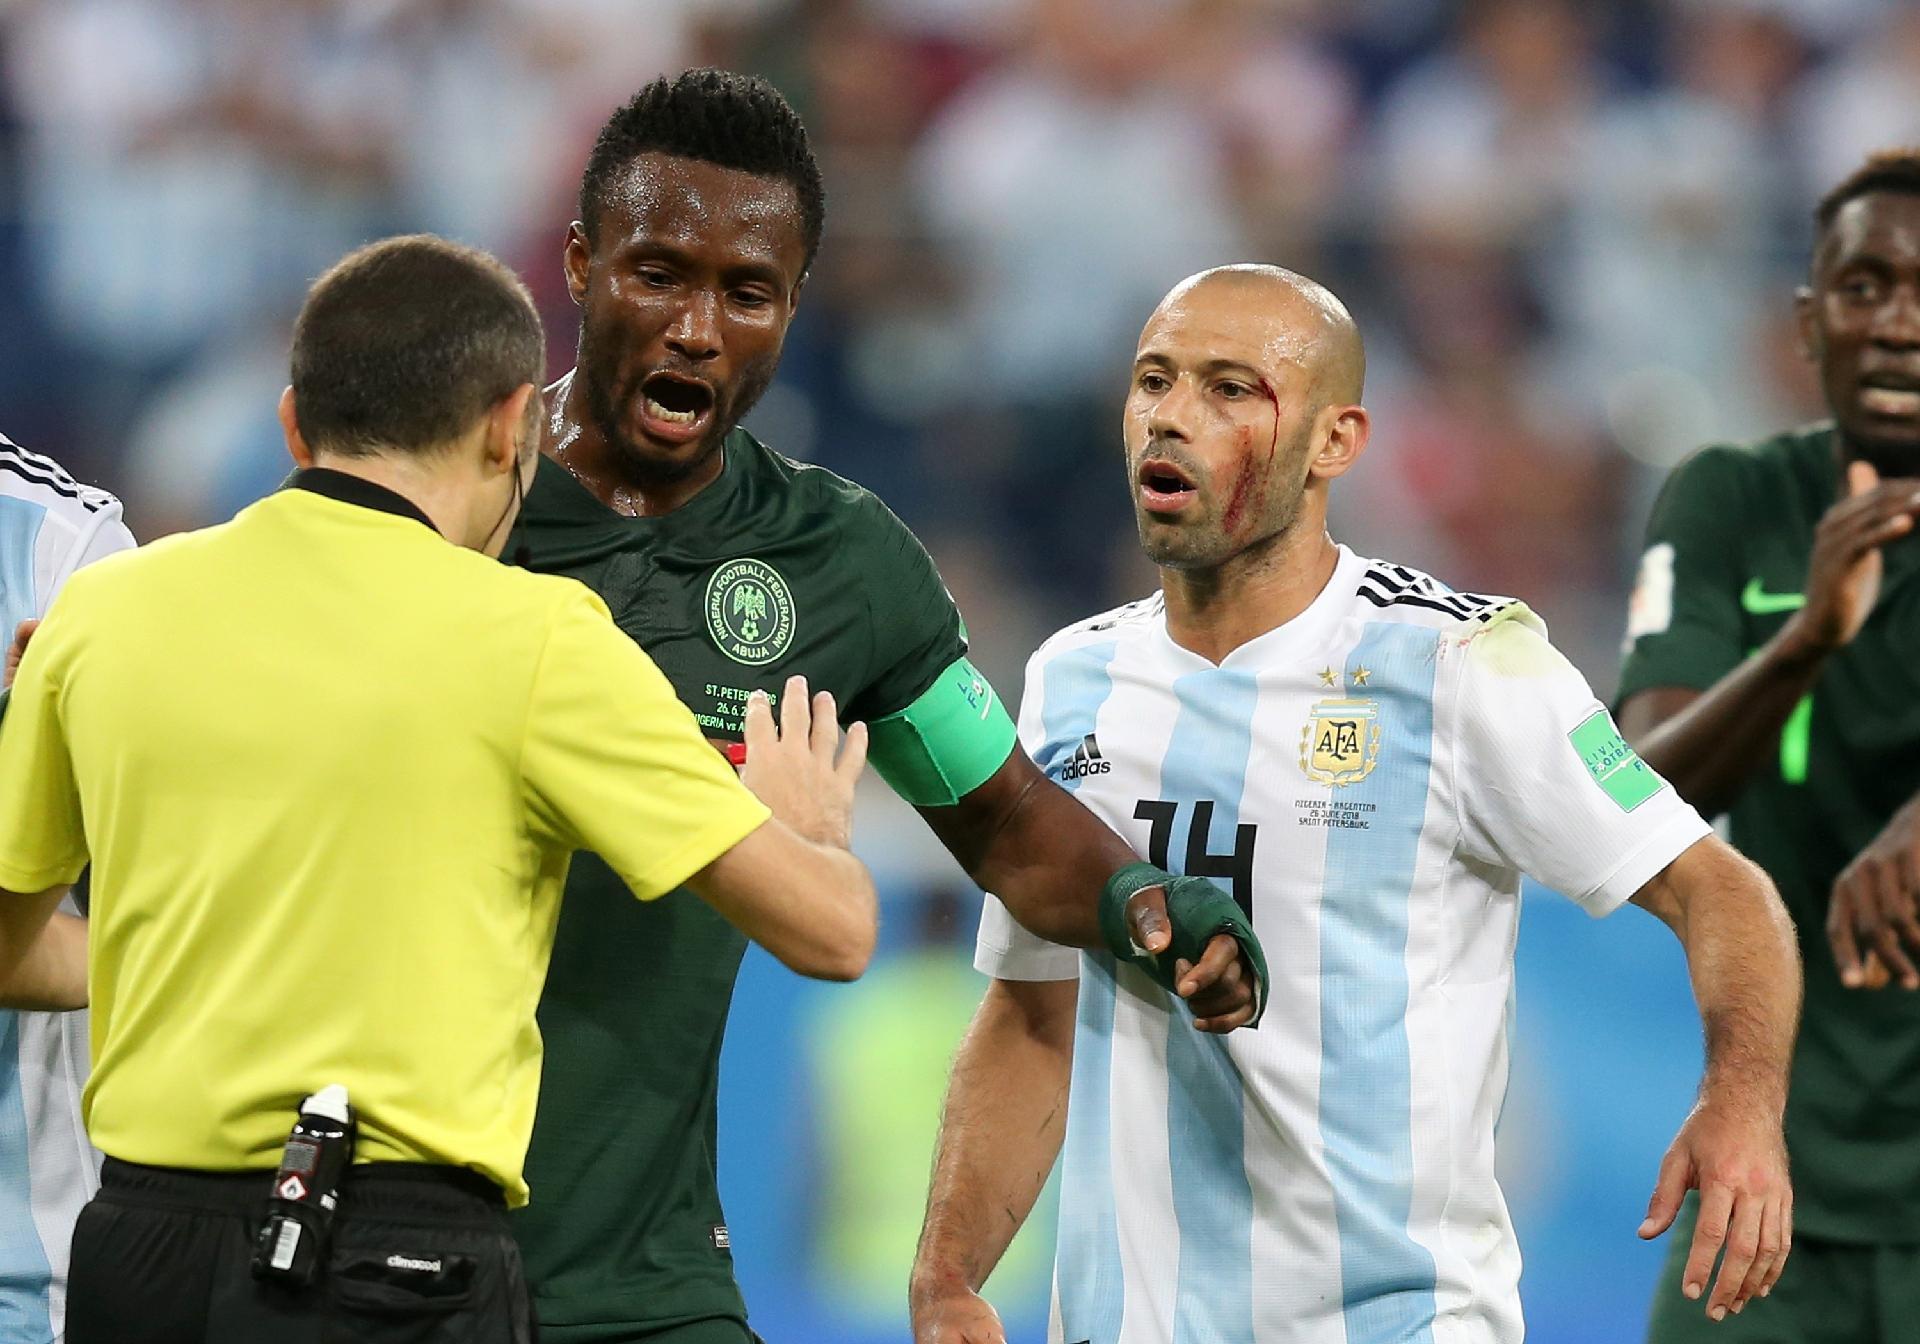 Nigéria na Copa 2018  Lição da Copa  zagueiro diz que Nigéria precisa  aprender a jogar sujo - UOL Copa do Mundo 2018 114d825872e9c